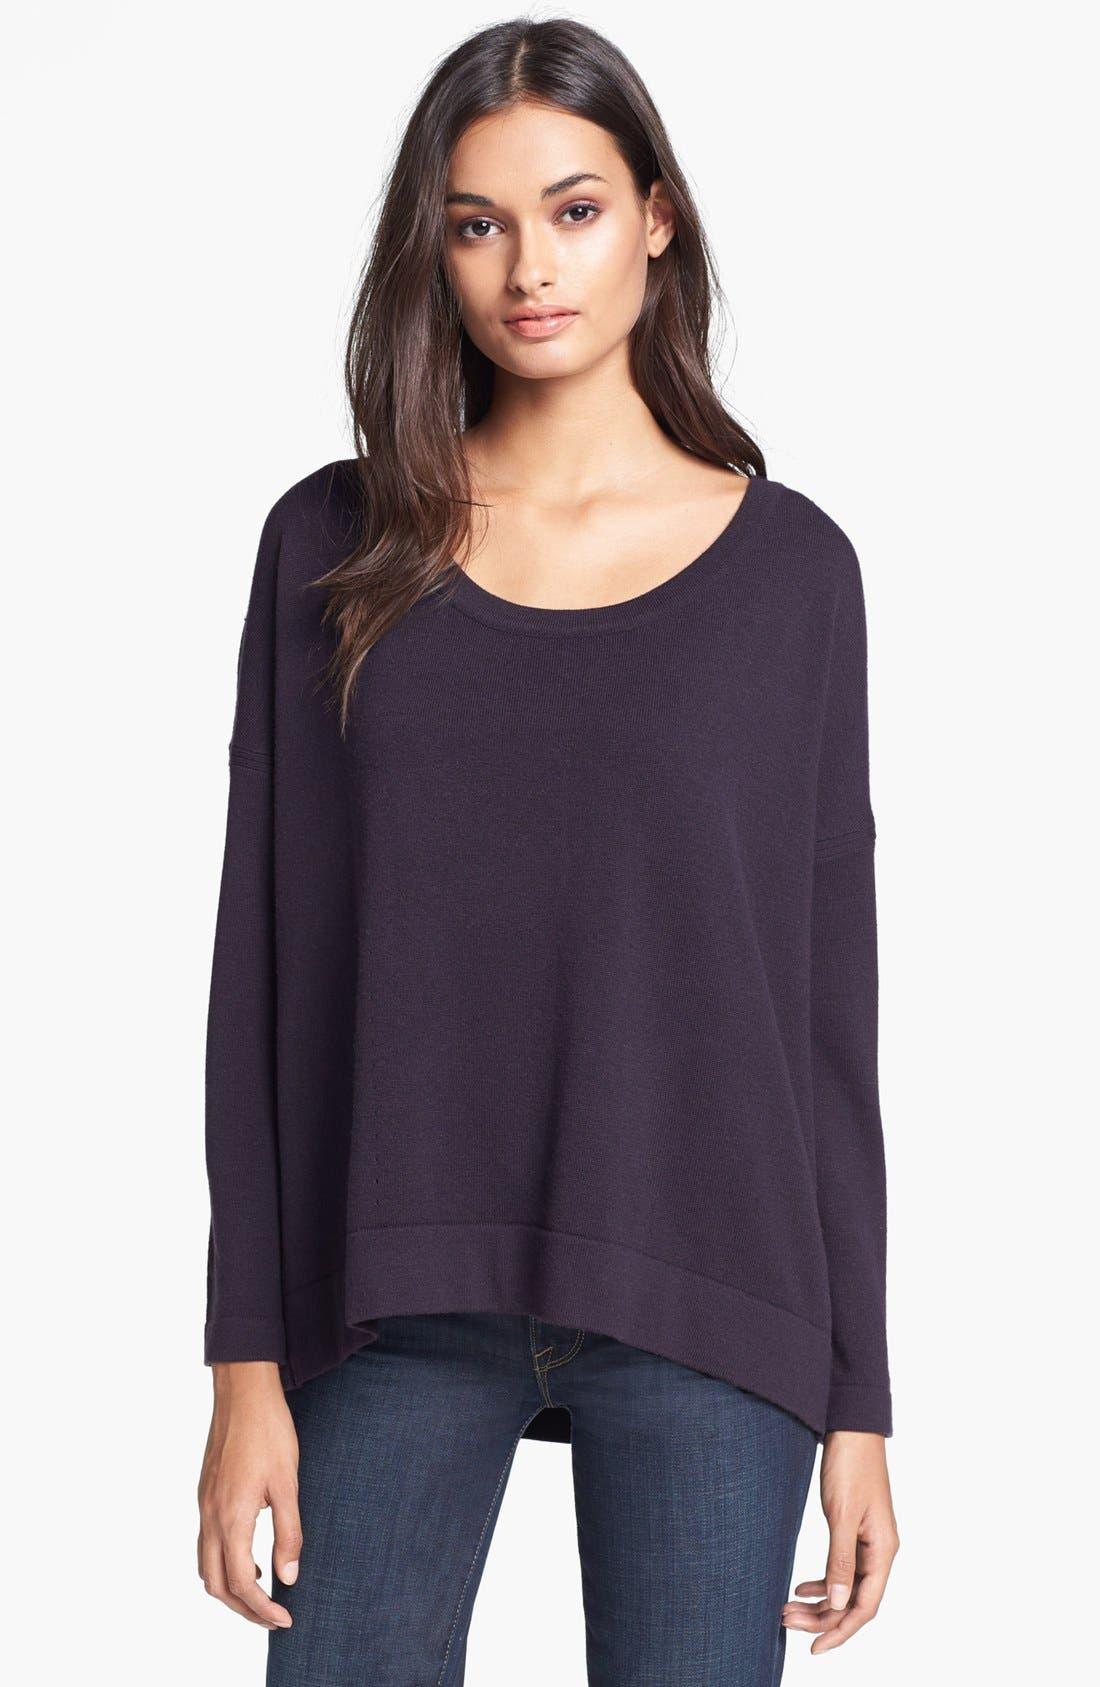 Alternate Image 1 Selected - rag & bone 'Noelle' Oversized Sweater